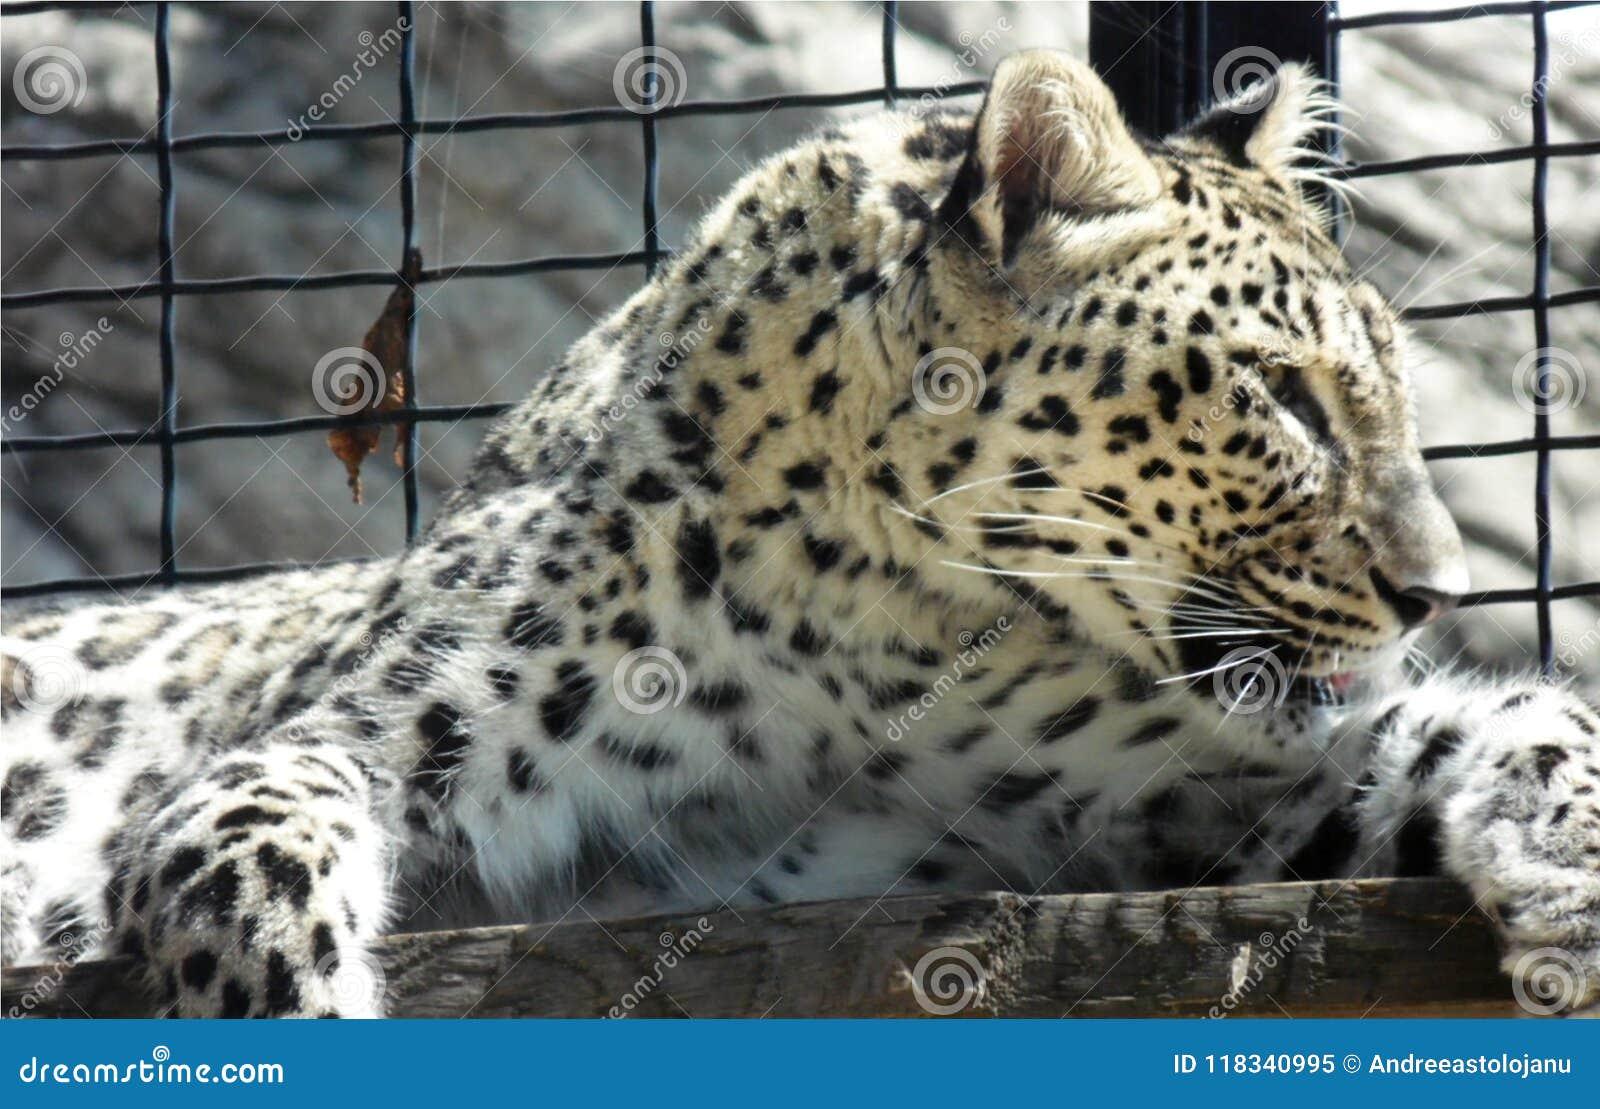 Papel pintado del primer del leopardo salvaje que miente en un tablero de madera en el parque zoológico, retrato de felino despre